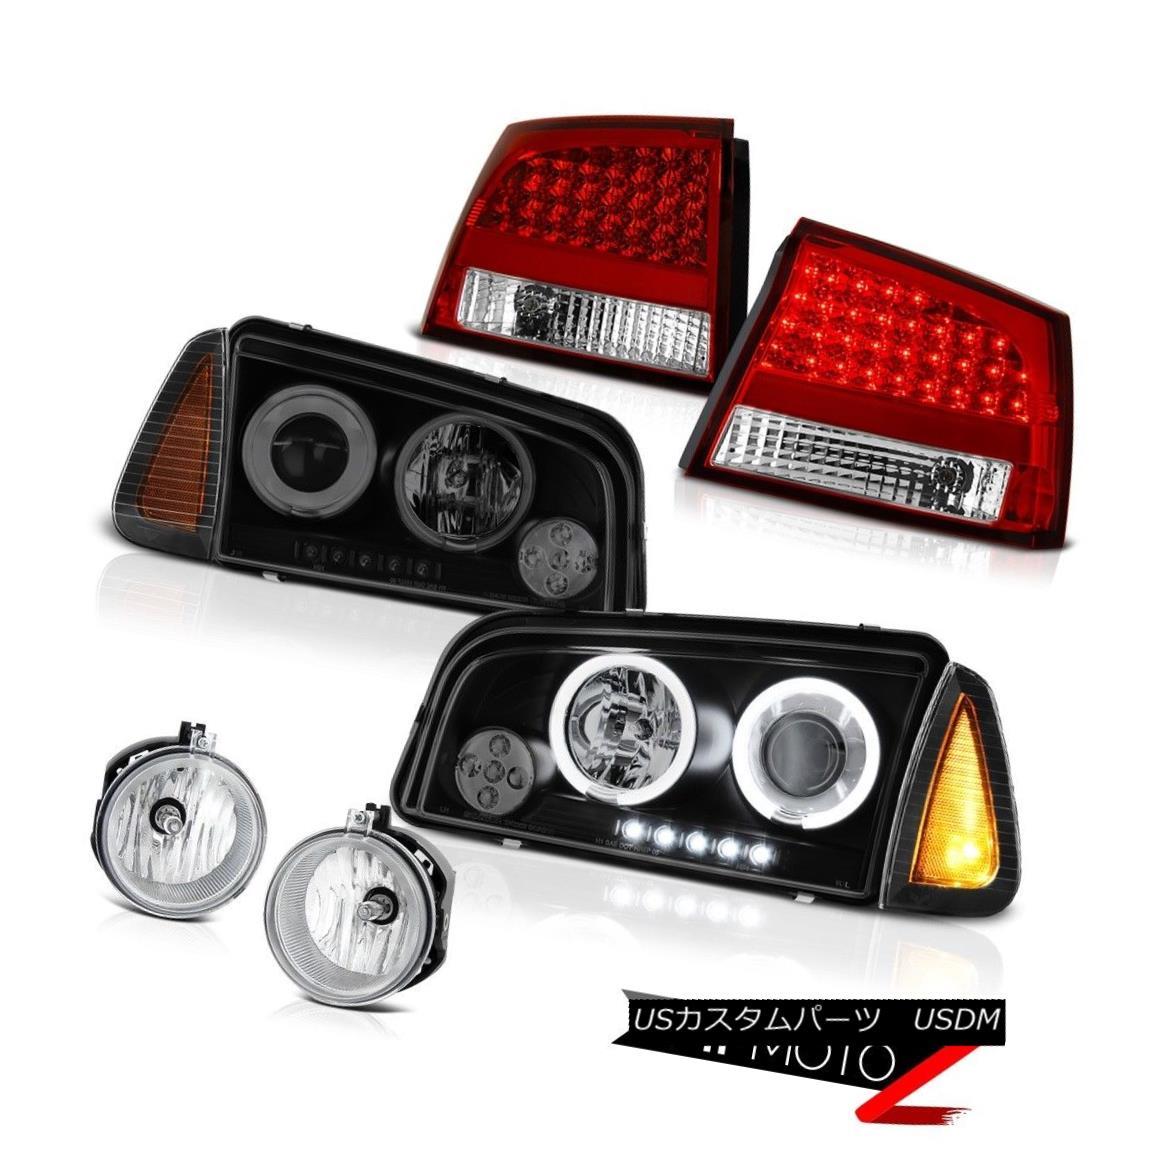 テールライト 06-08 Dodge Charger SE Euro clear foglights red taillamps signal lamp Headlights 06-08ダッジチャージャーSEユーロクリアフォグライト赤いテールランプ信号ランプヘッドライト